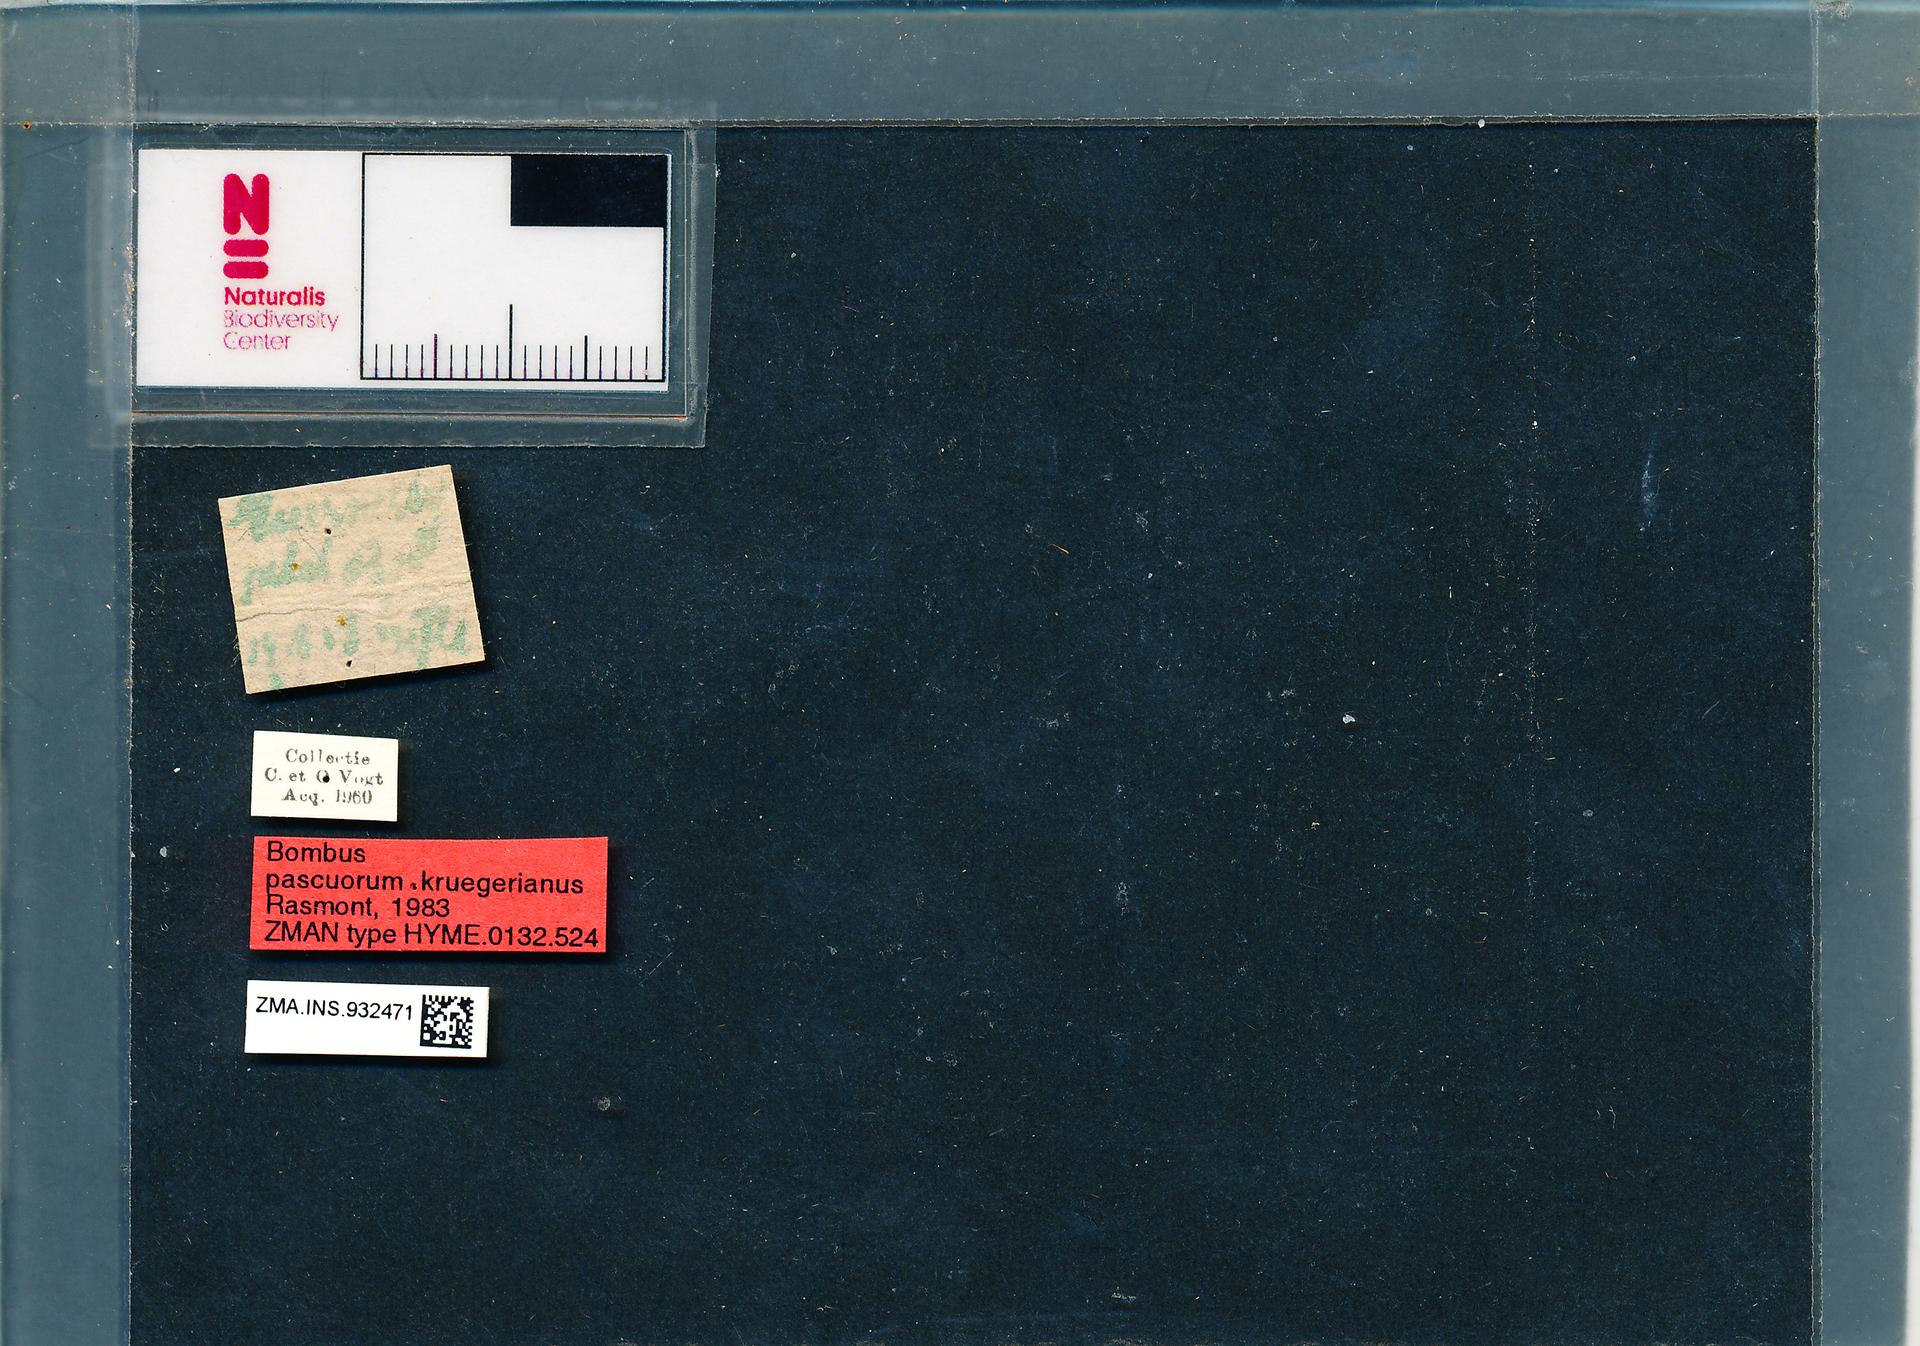 ZMA.INS.932471 | Bombus (Thoracobombus) pascuorum kruegerianus Rasmont, 1983